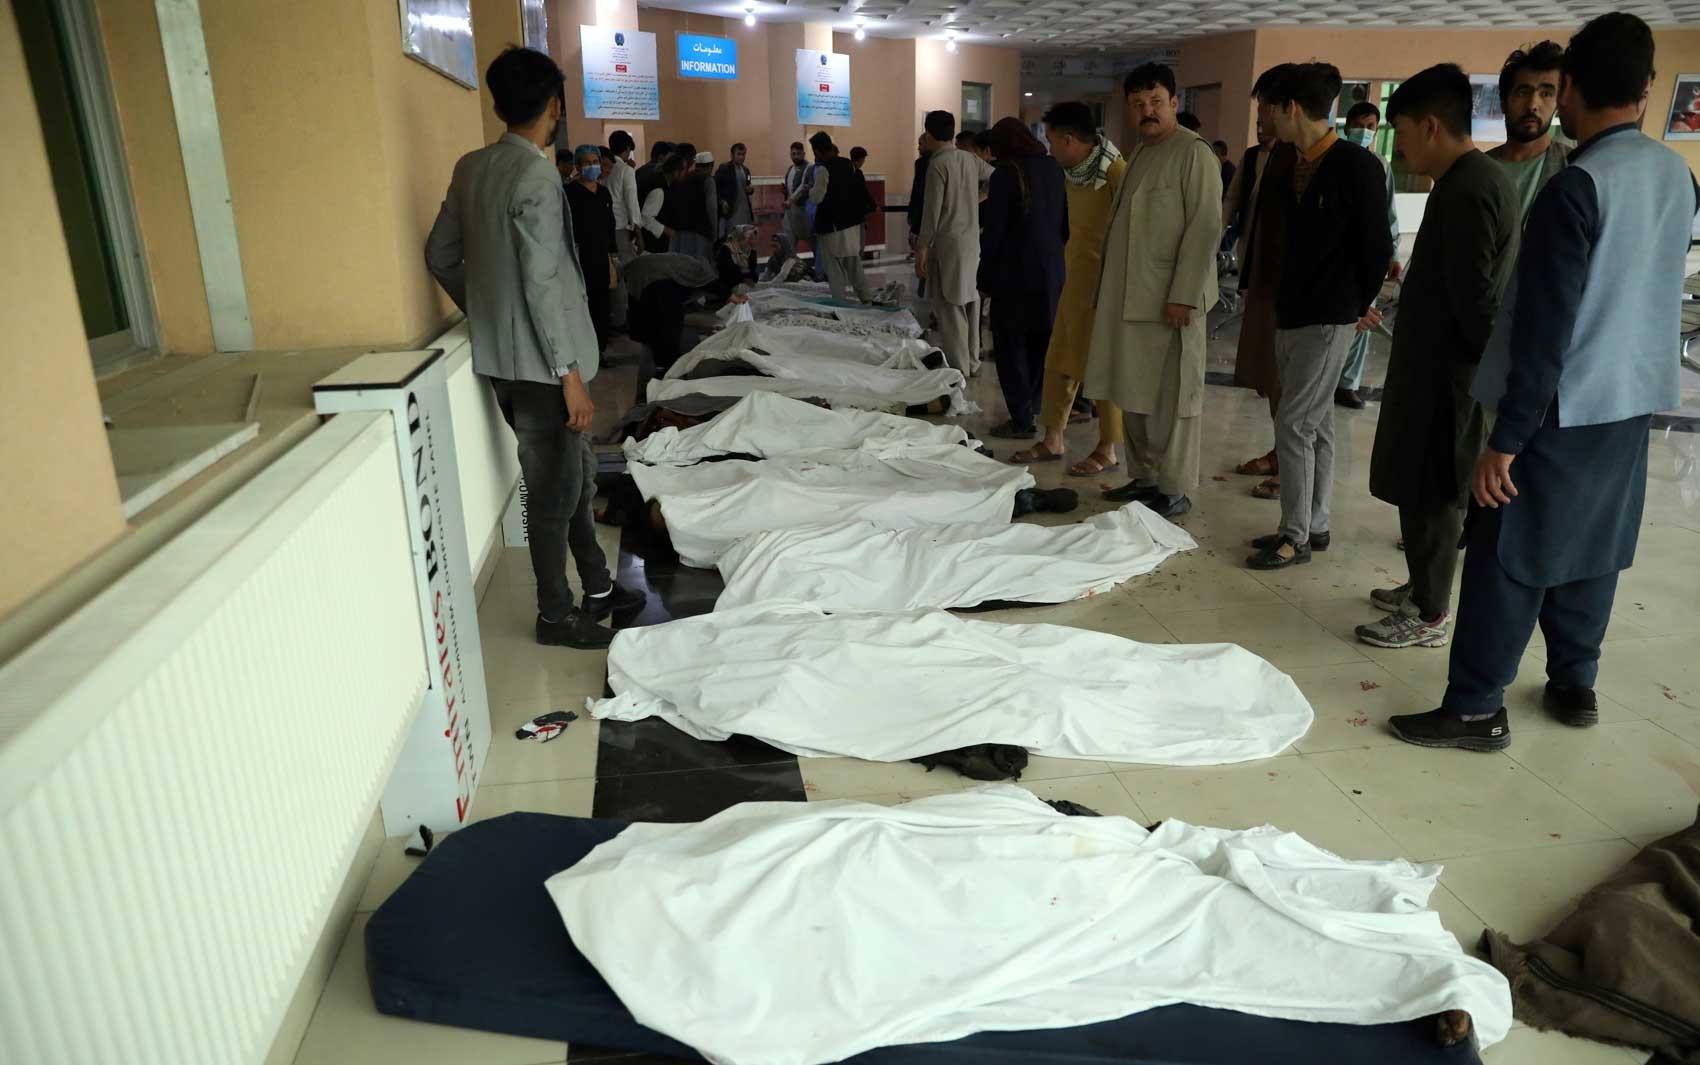 Vai a 50 o número de mortos em ataque perto de escola no Afeganistão